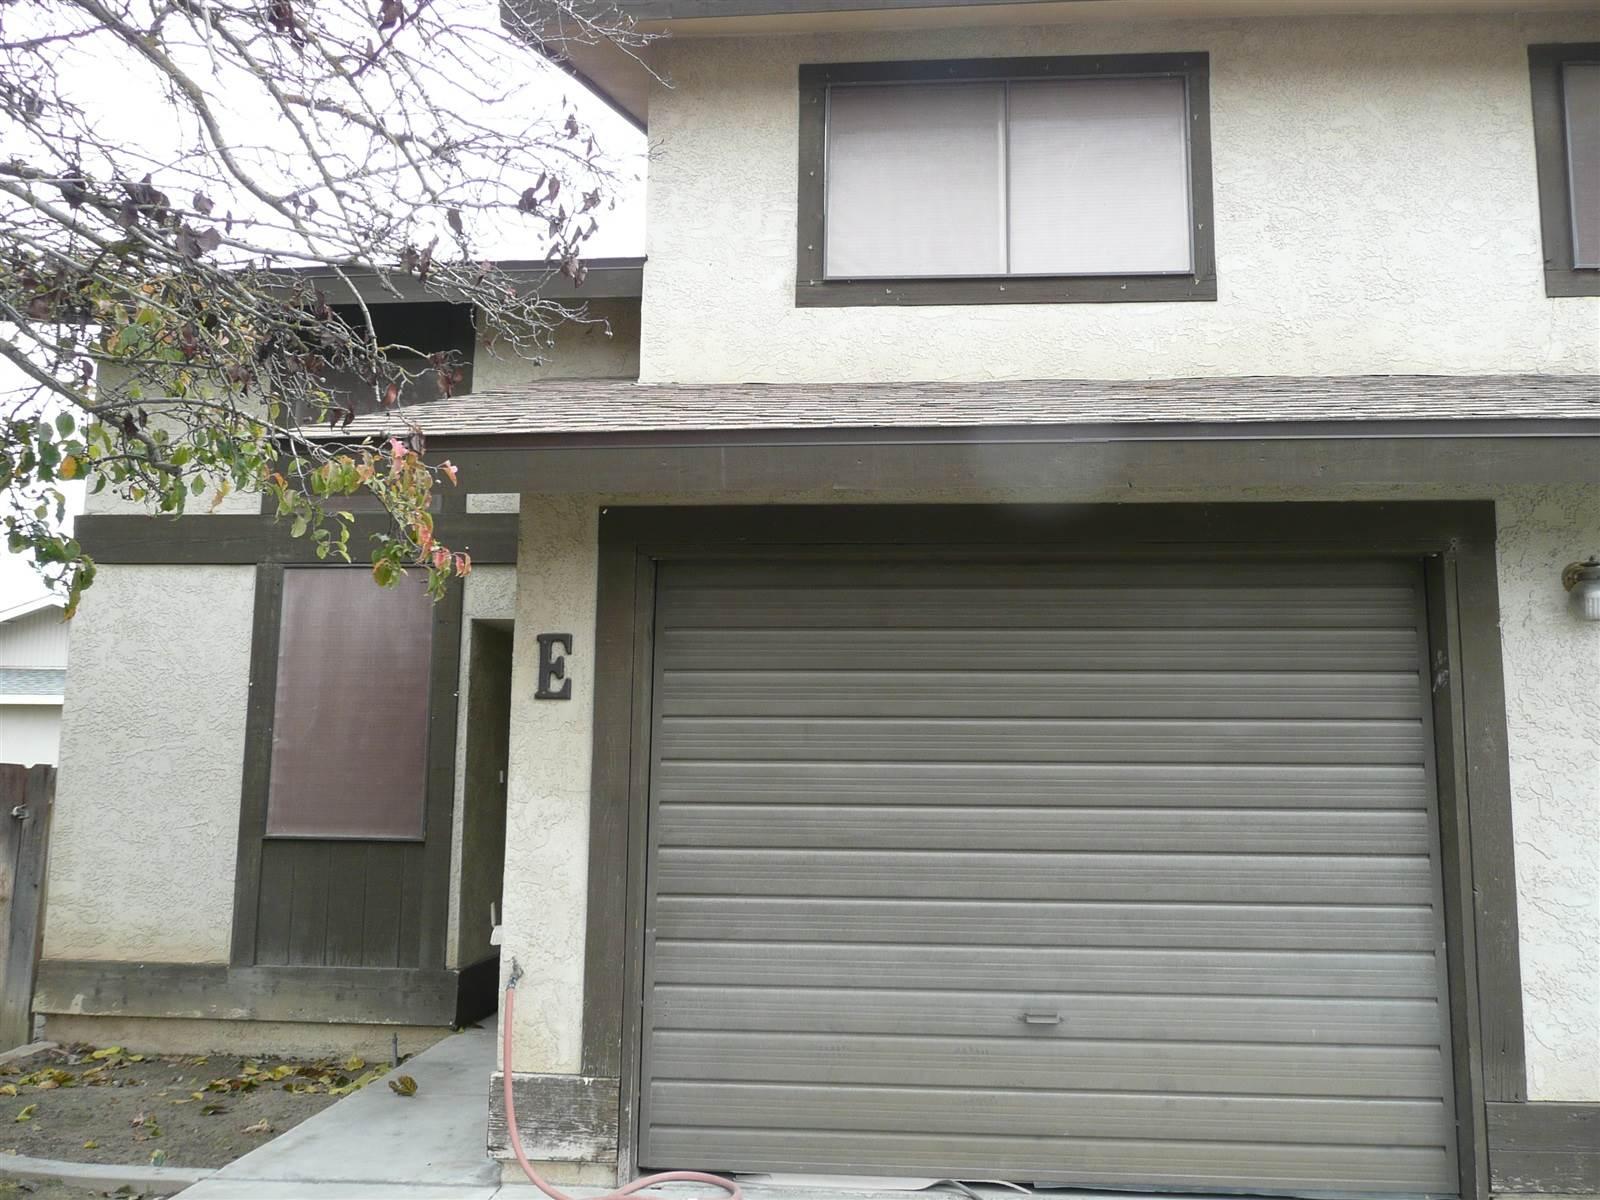 Photo of 112 N Lemoore Ave E  Lemoore  CA